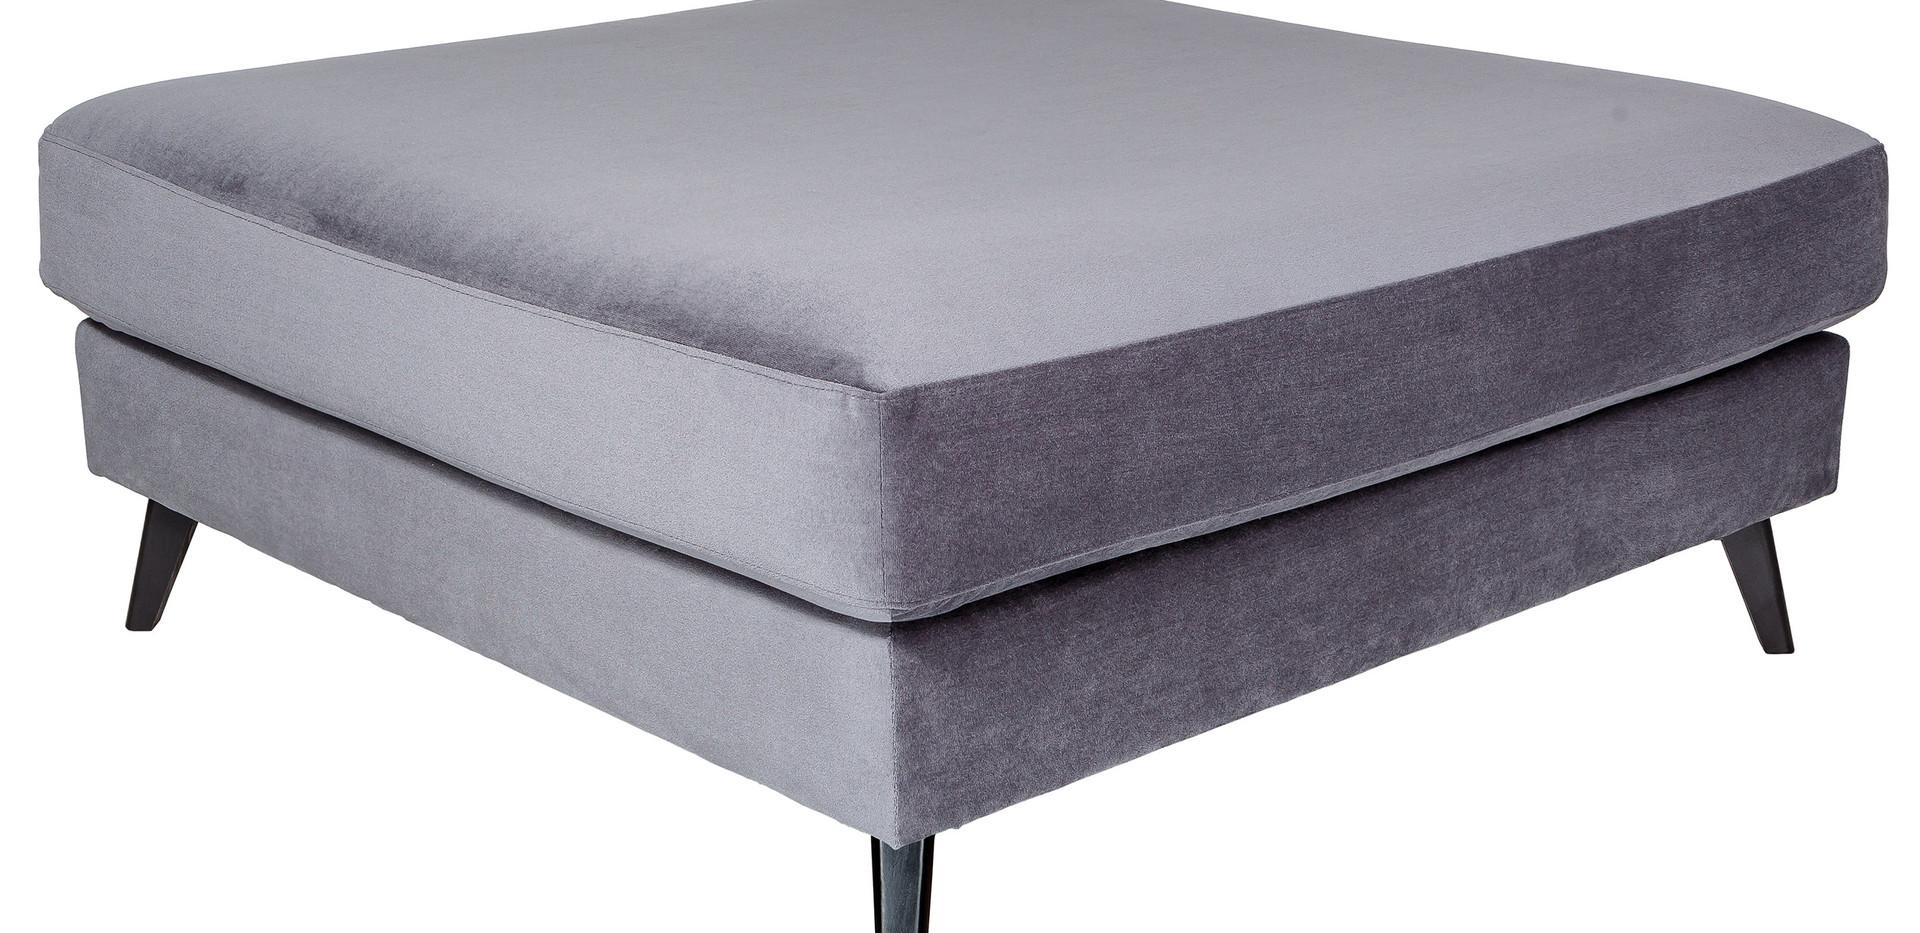 Lazy banketė Casa grey - 105x105